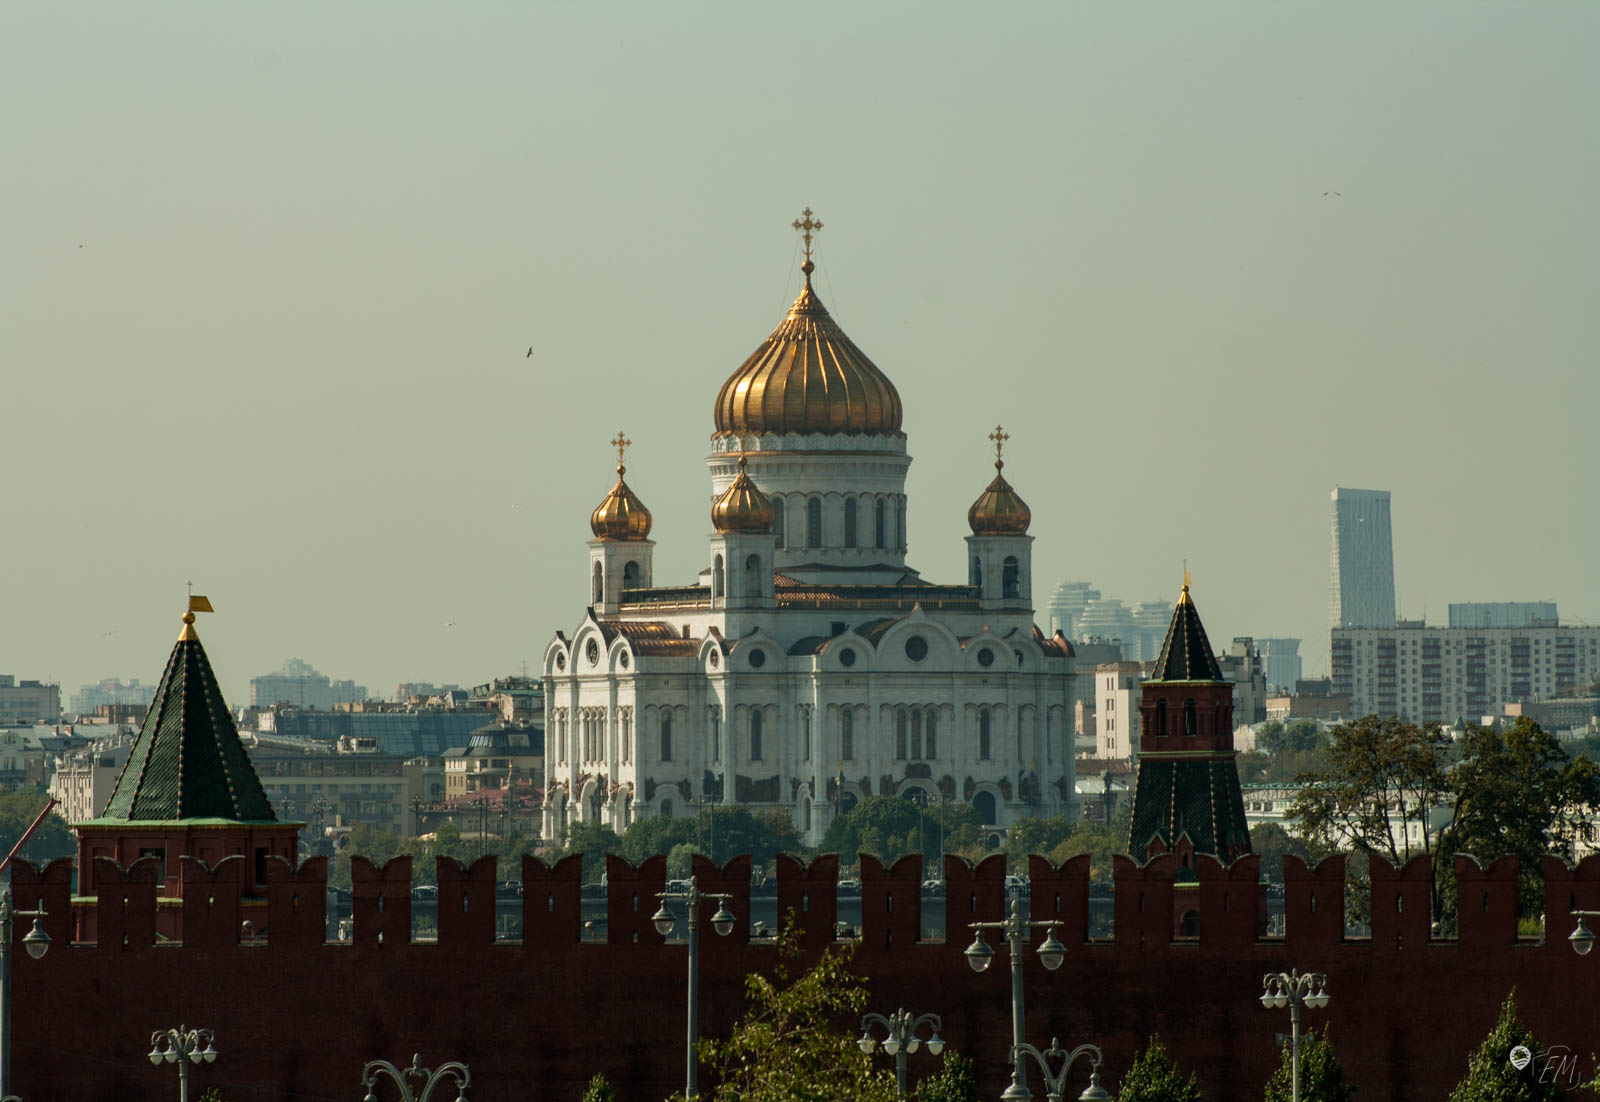 Das Gelände des Skywalks bietet einen wunderbaren Ausblick auf das Kreml Gelände und darüber hinaus